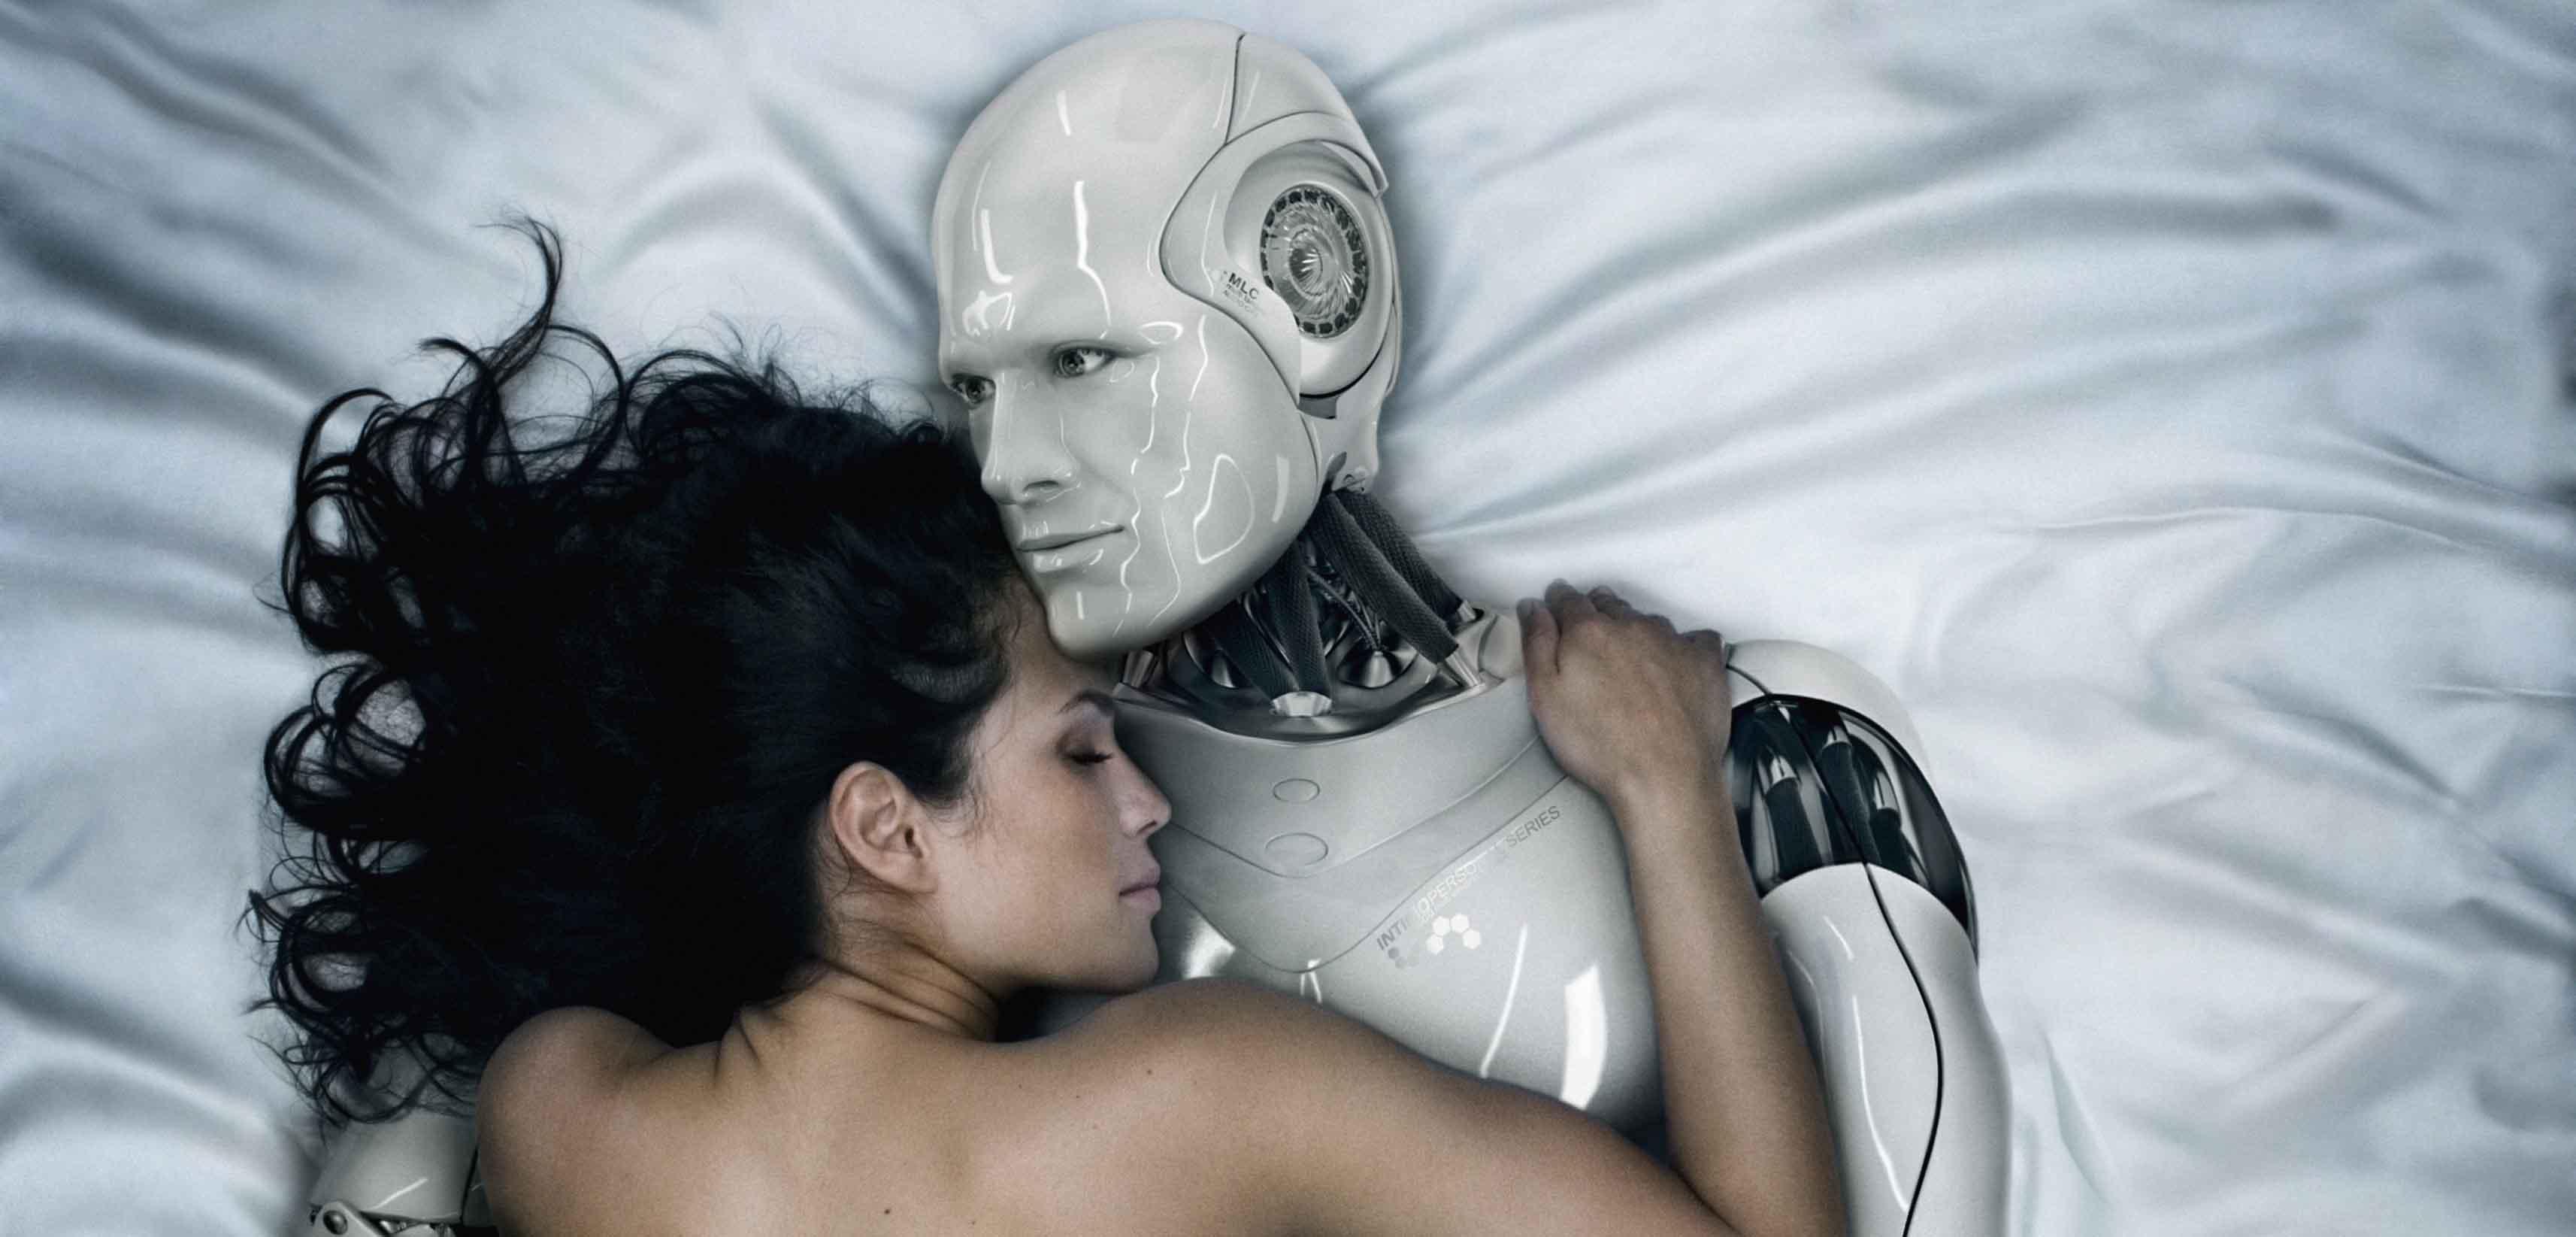 Uno su cinque ha detto sì. E tu, faresti sesso con un robot?